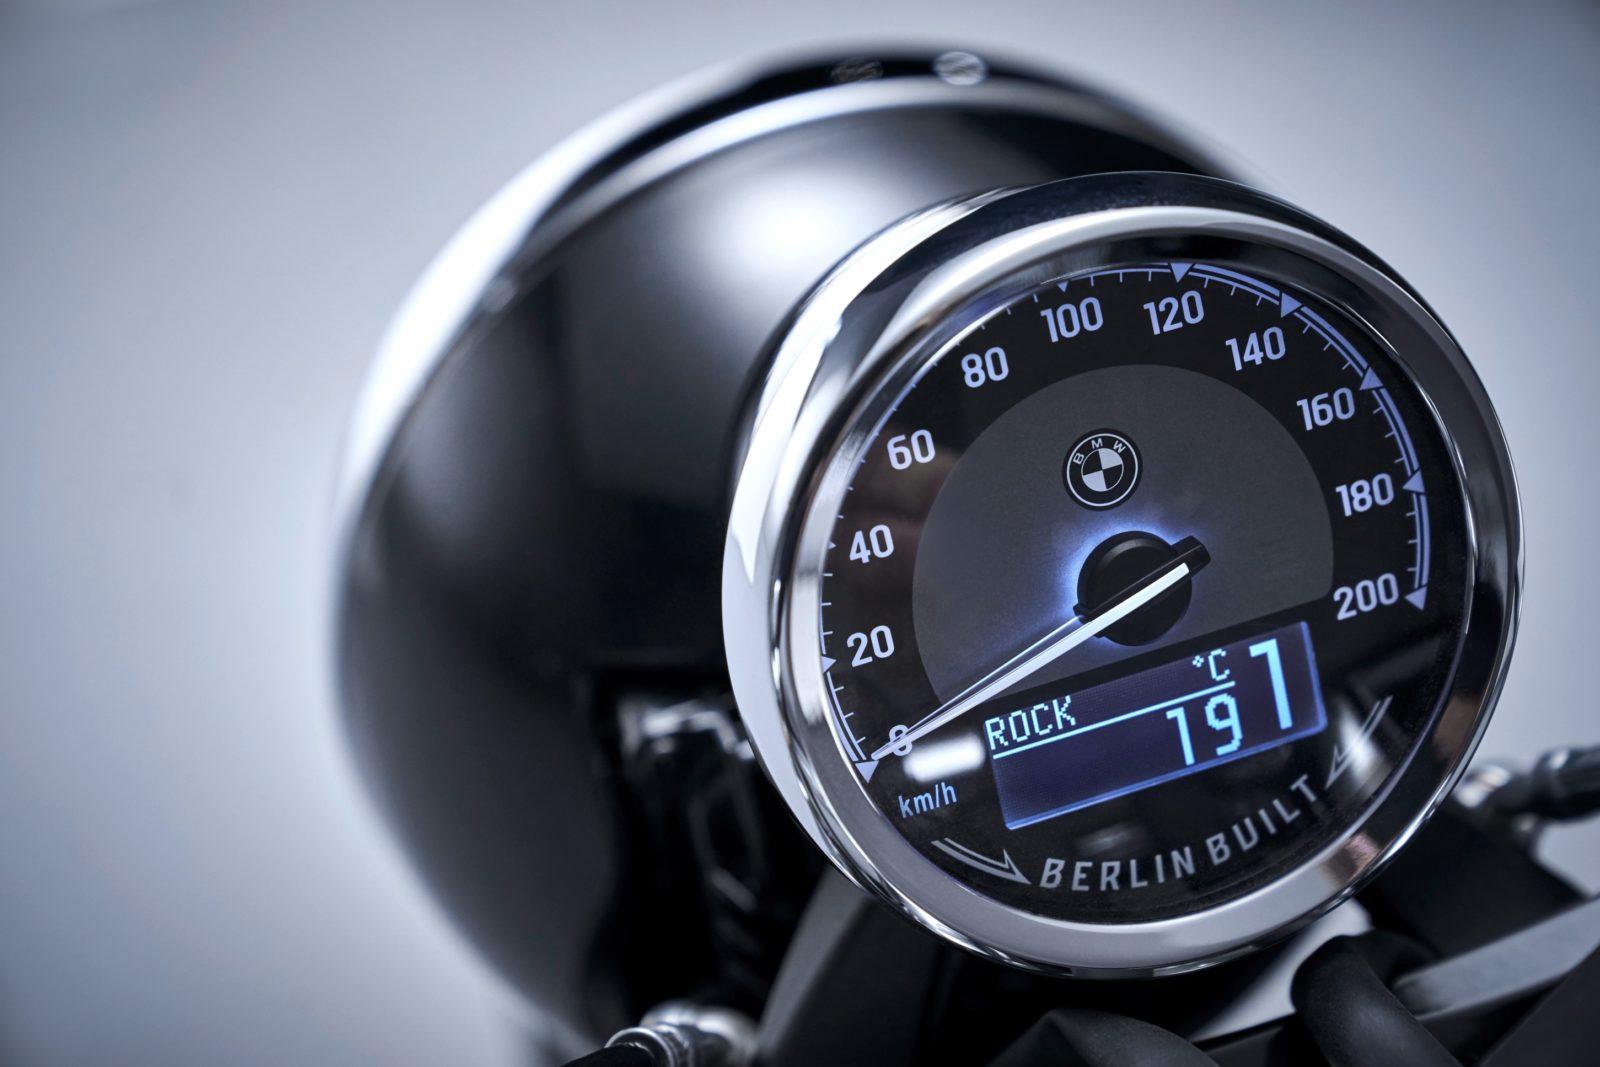 BMW R18 Informations fiche technique prix moto acceleration date de sortie